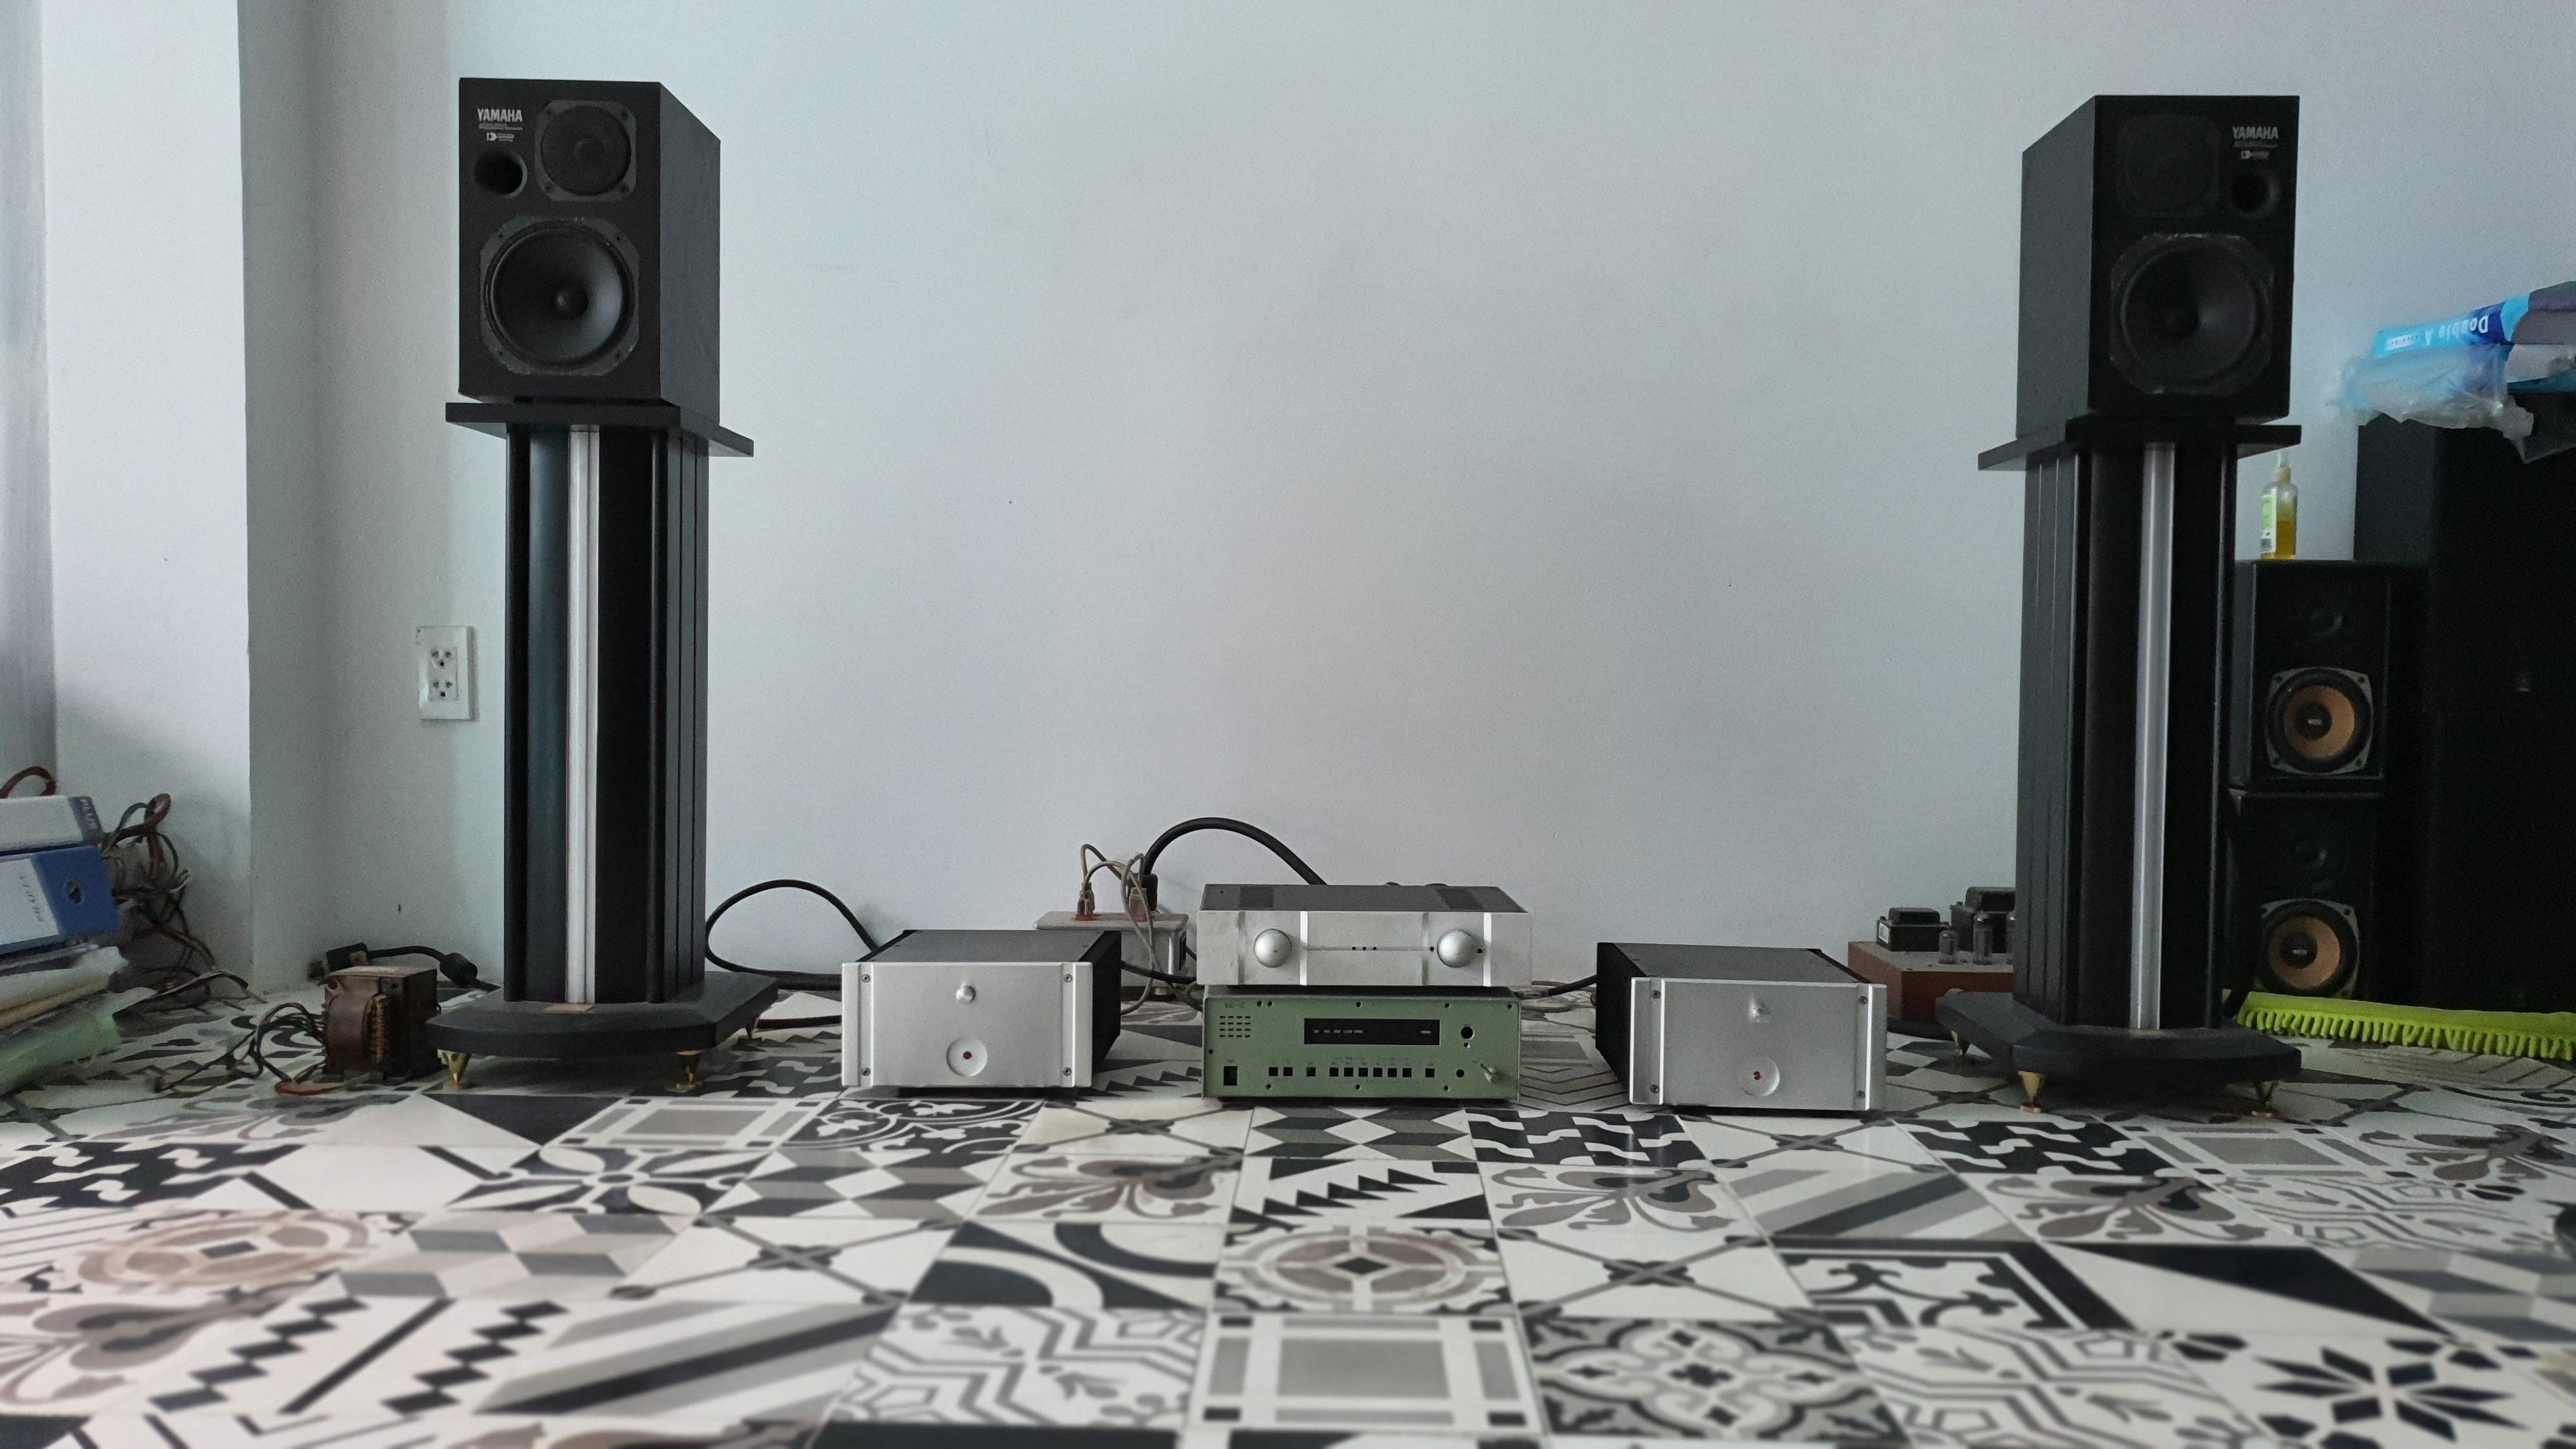 Hệ thống chơi nhạc của anh Bảo